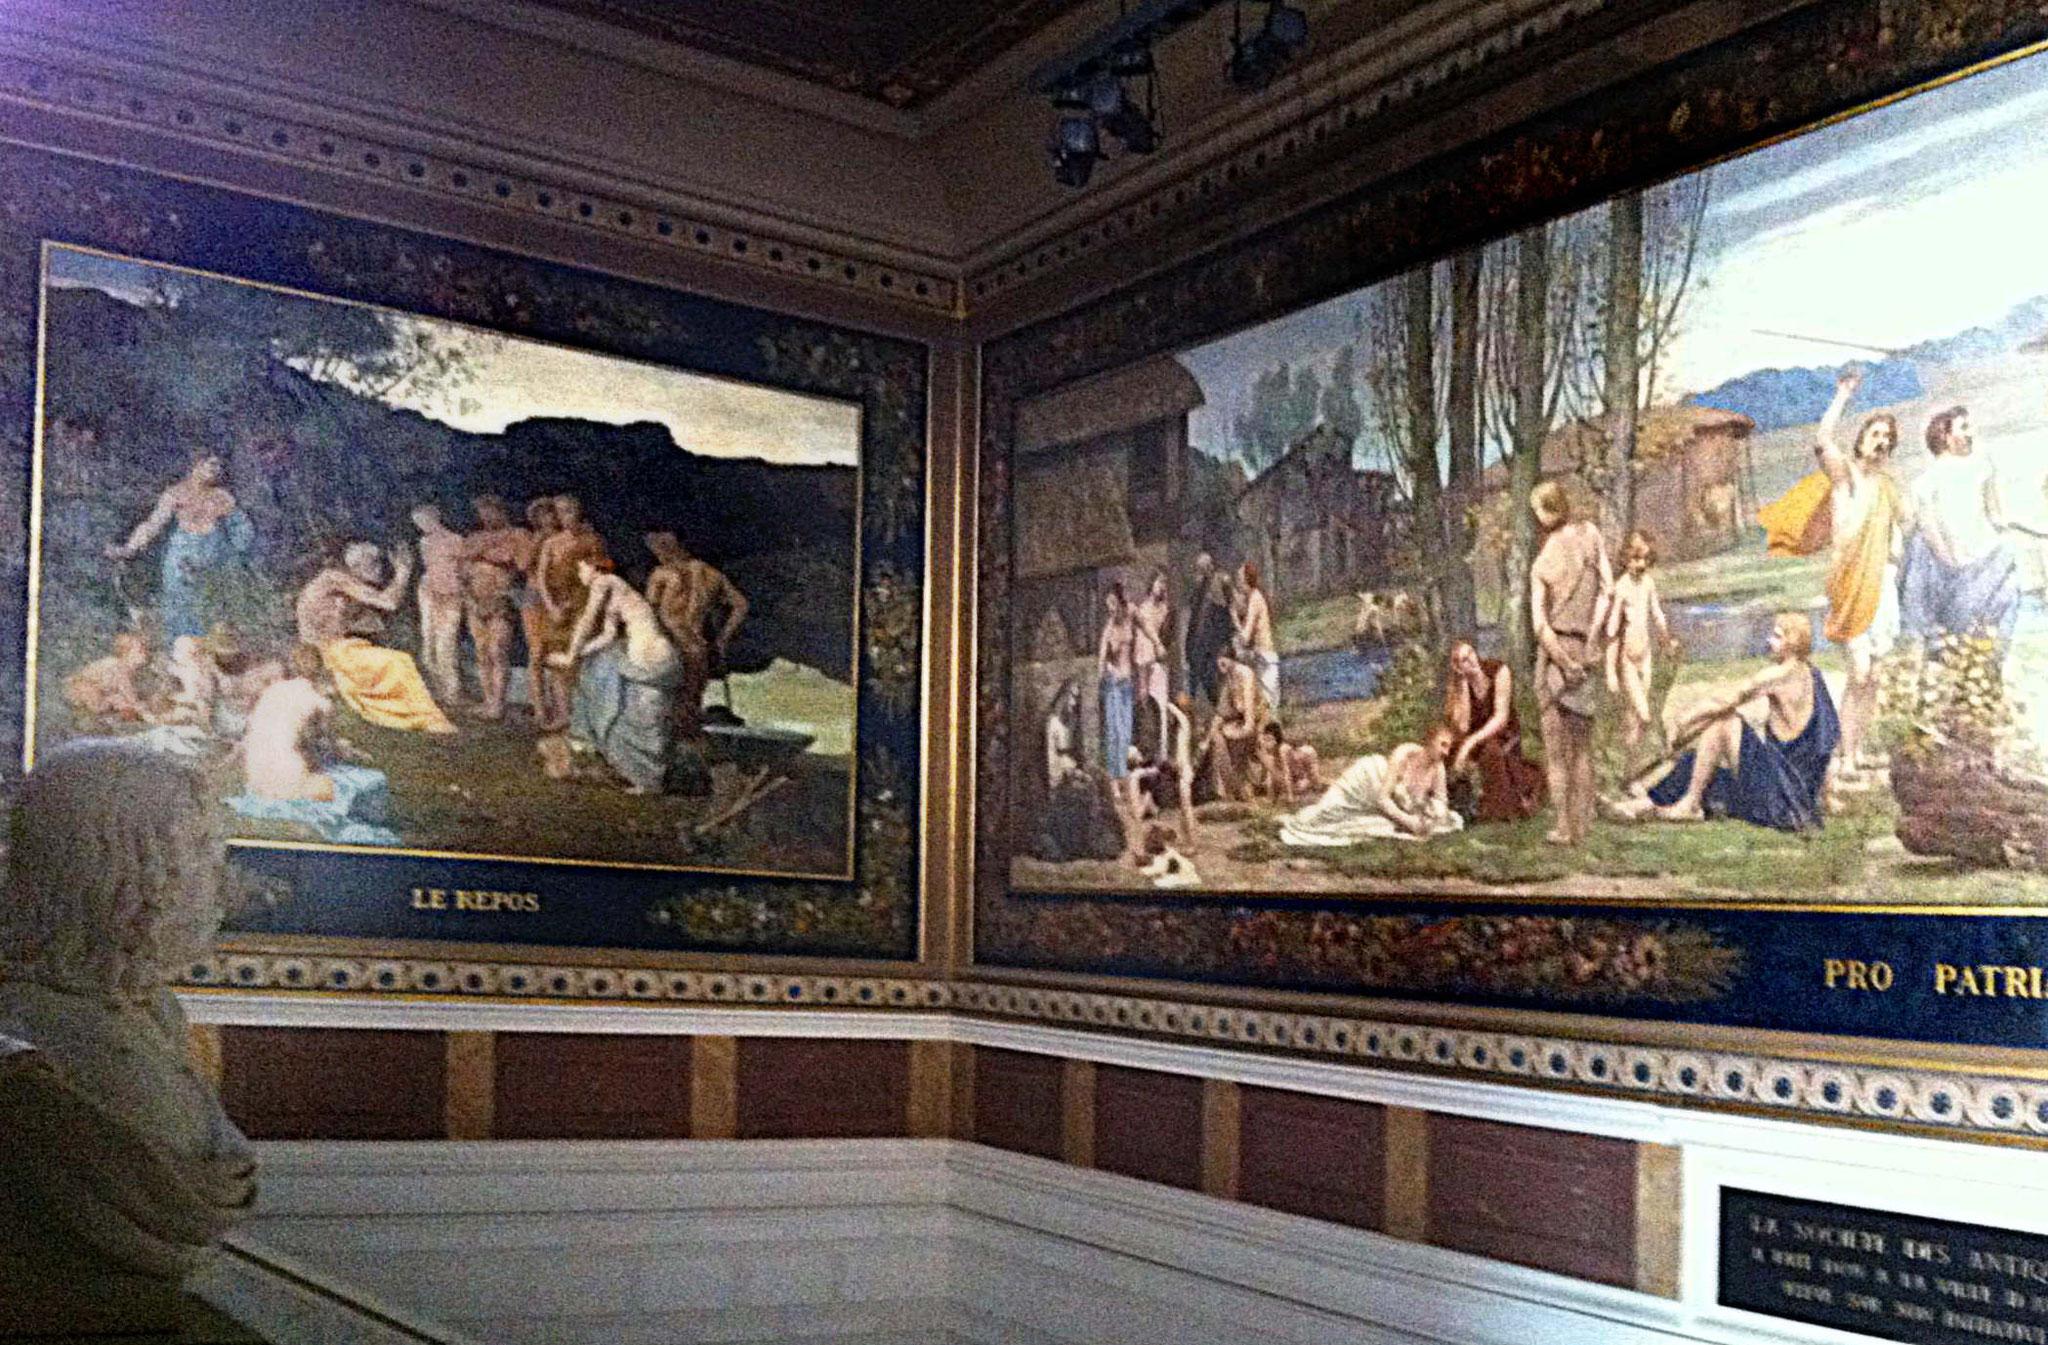 Puvis de Chavannes, Décor de l'escalier d'honneur, vue partielle